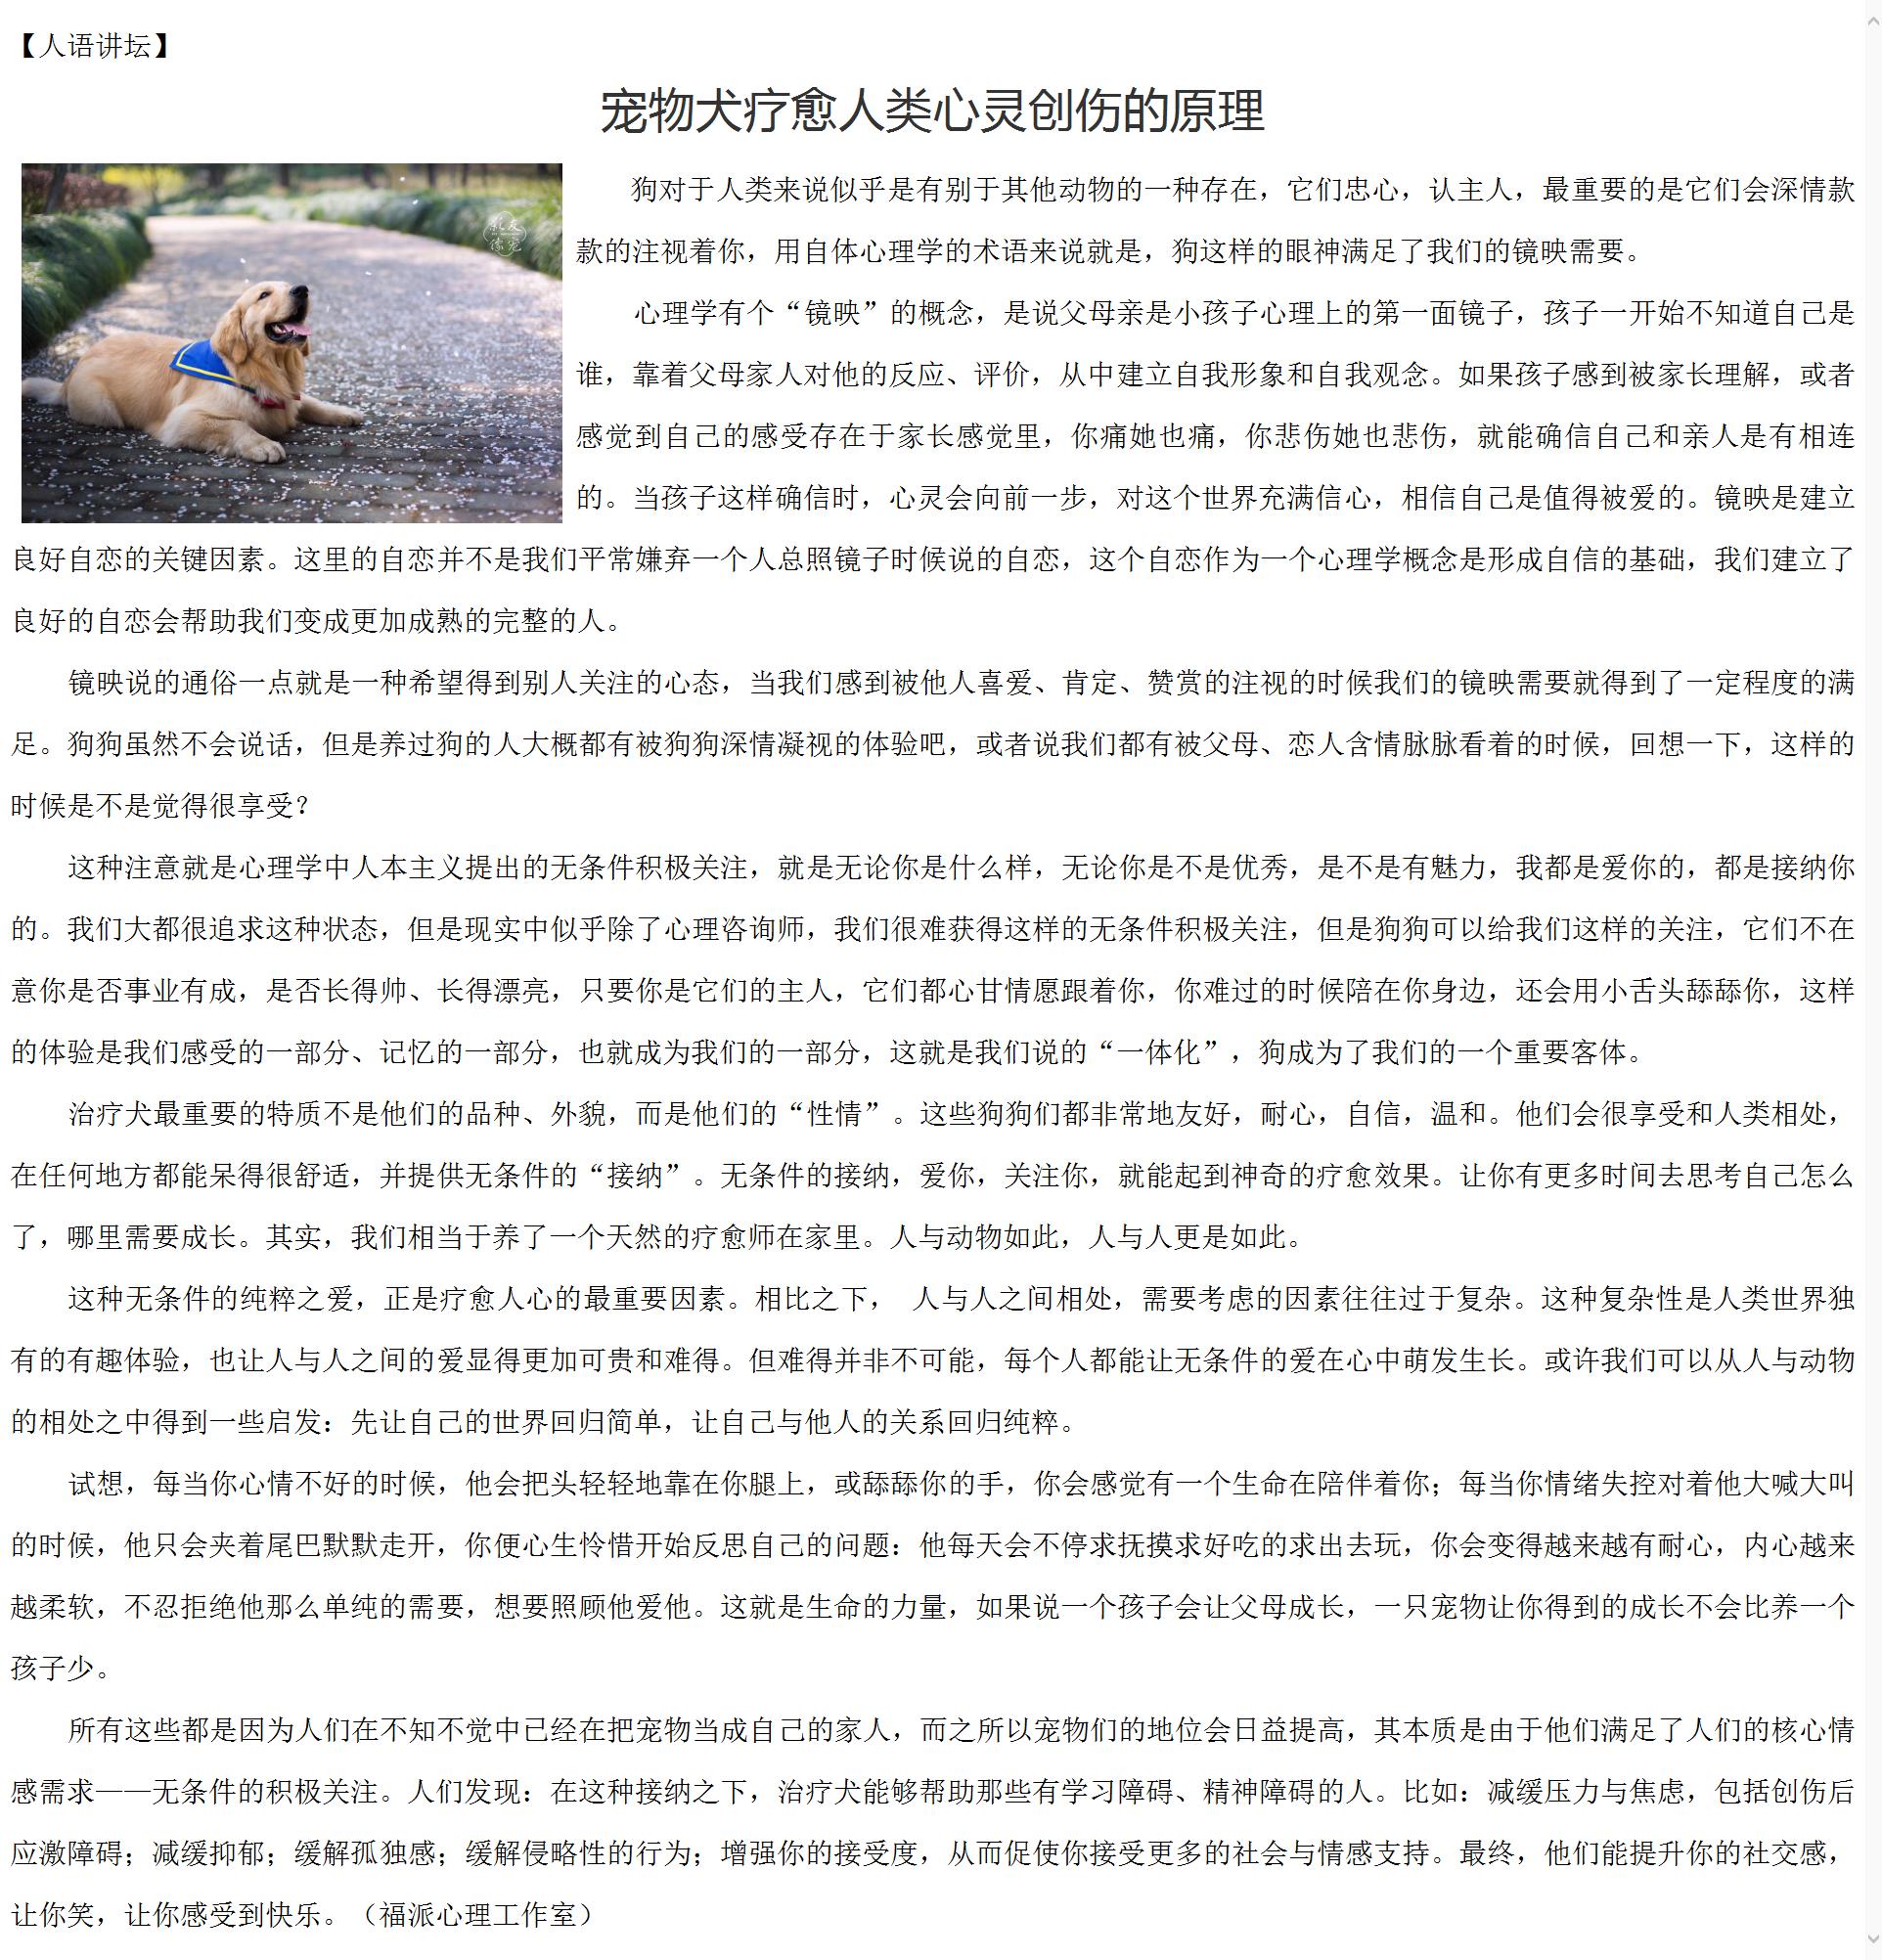 人语讲坛 宠物犬疗愈人类心灵创伤的原理2.png